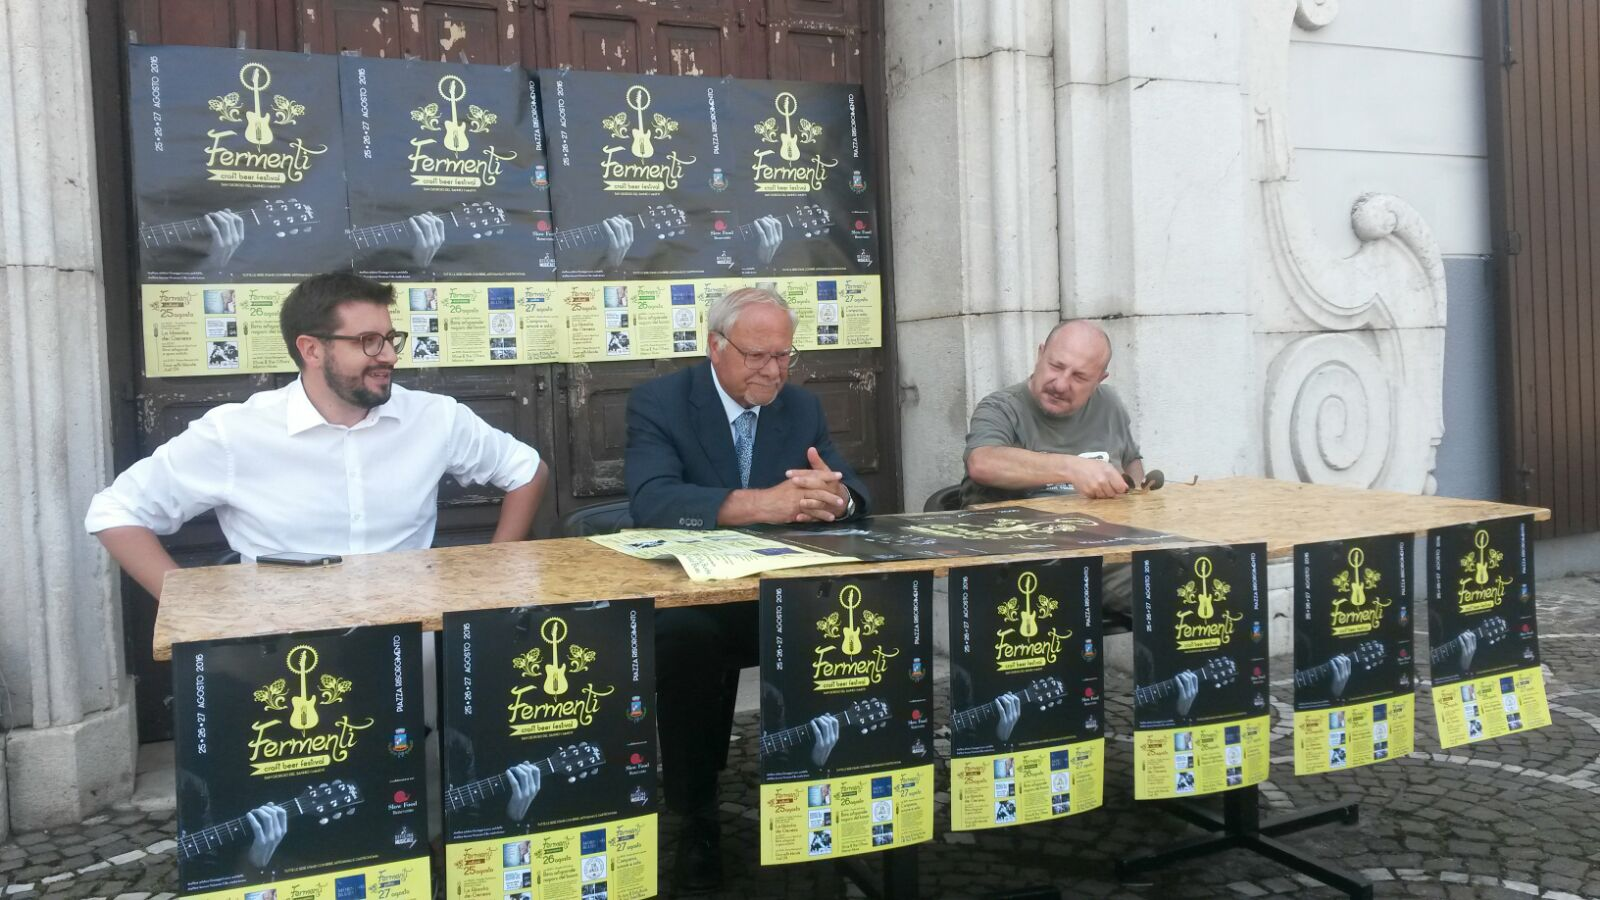 conferenza stampa FERMENTI